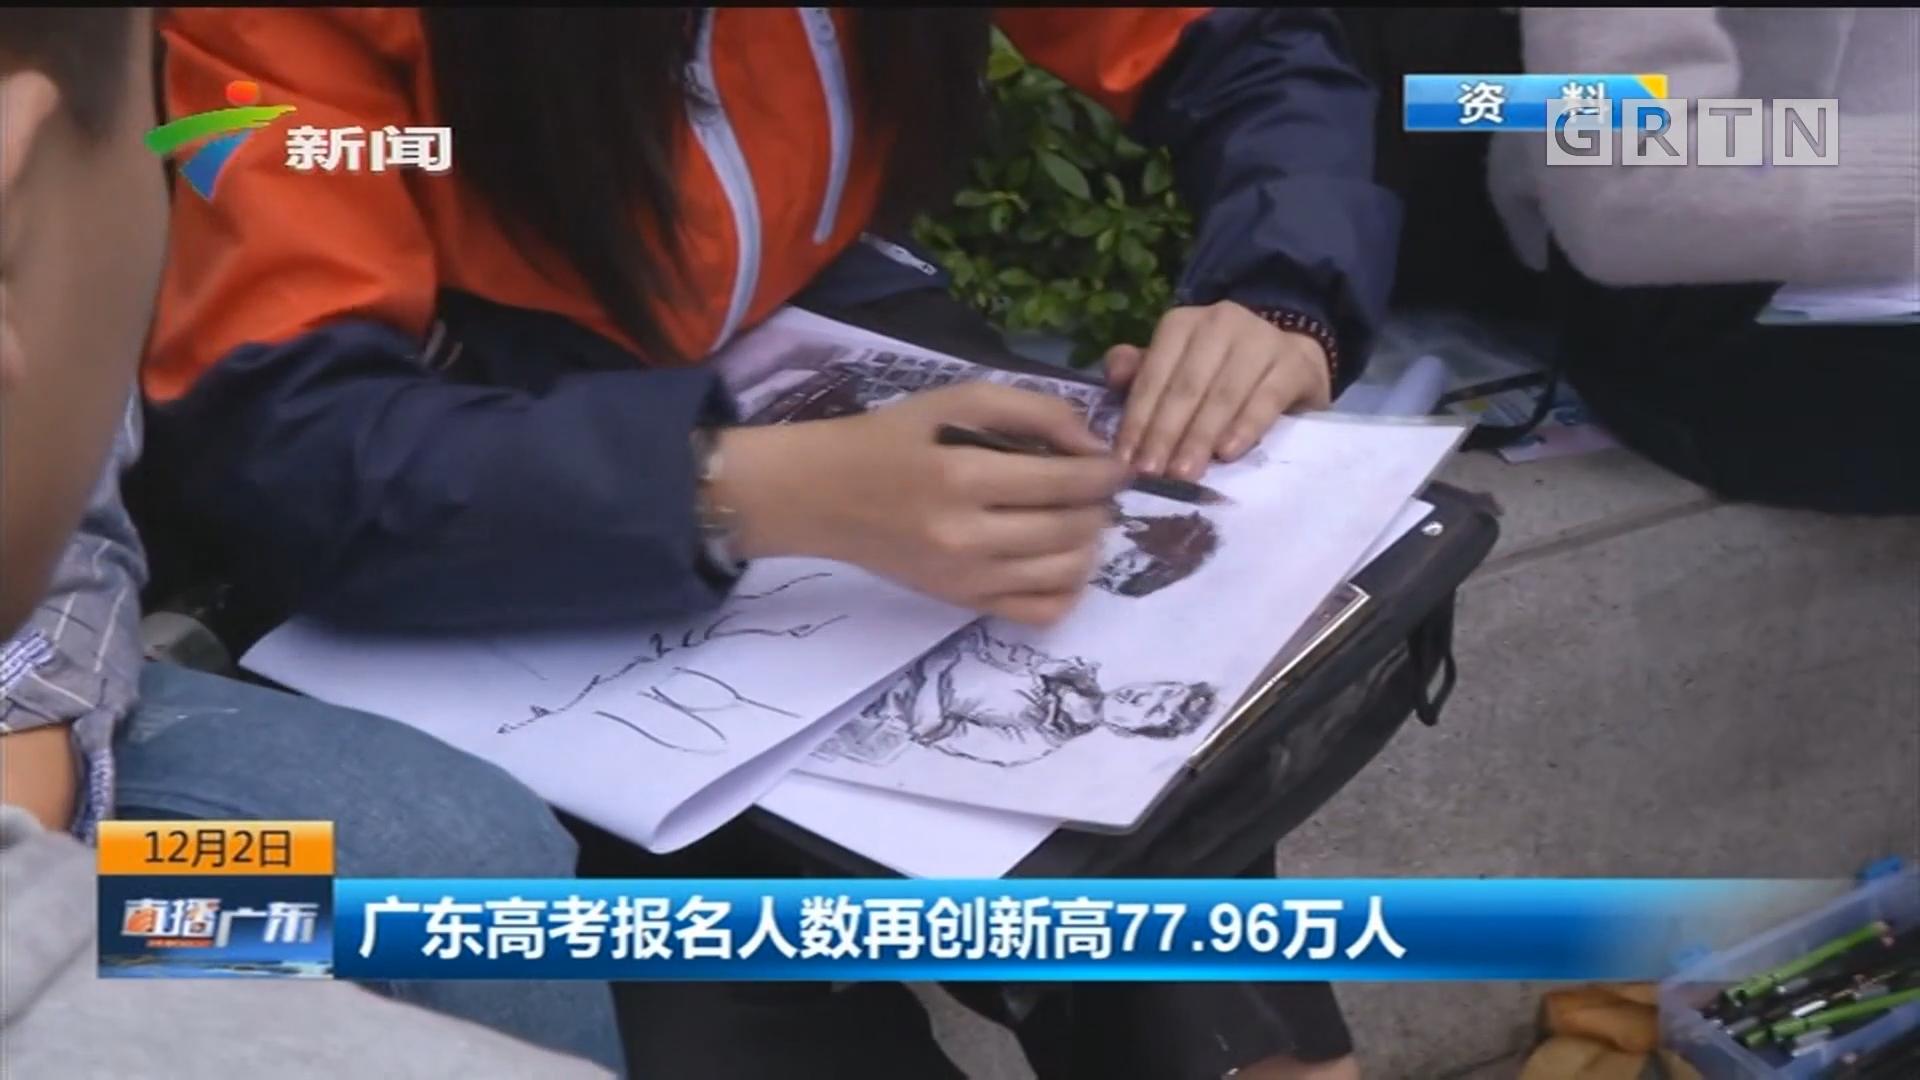 广东高考报名人数再创新高77.96万人